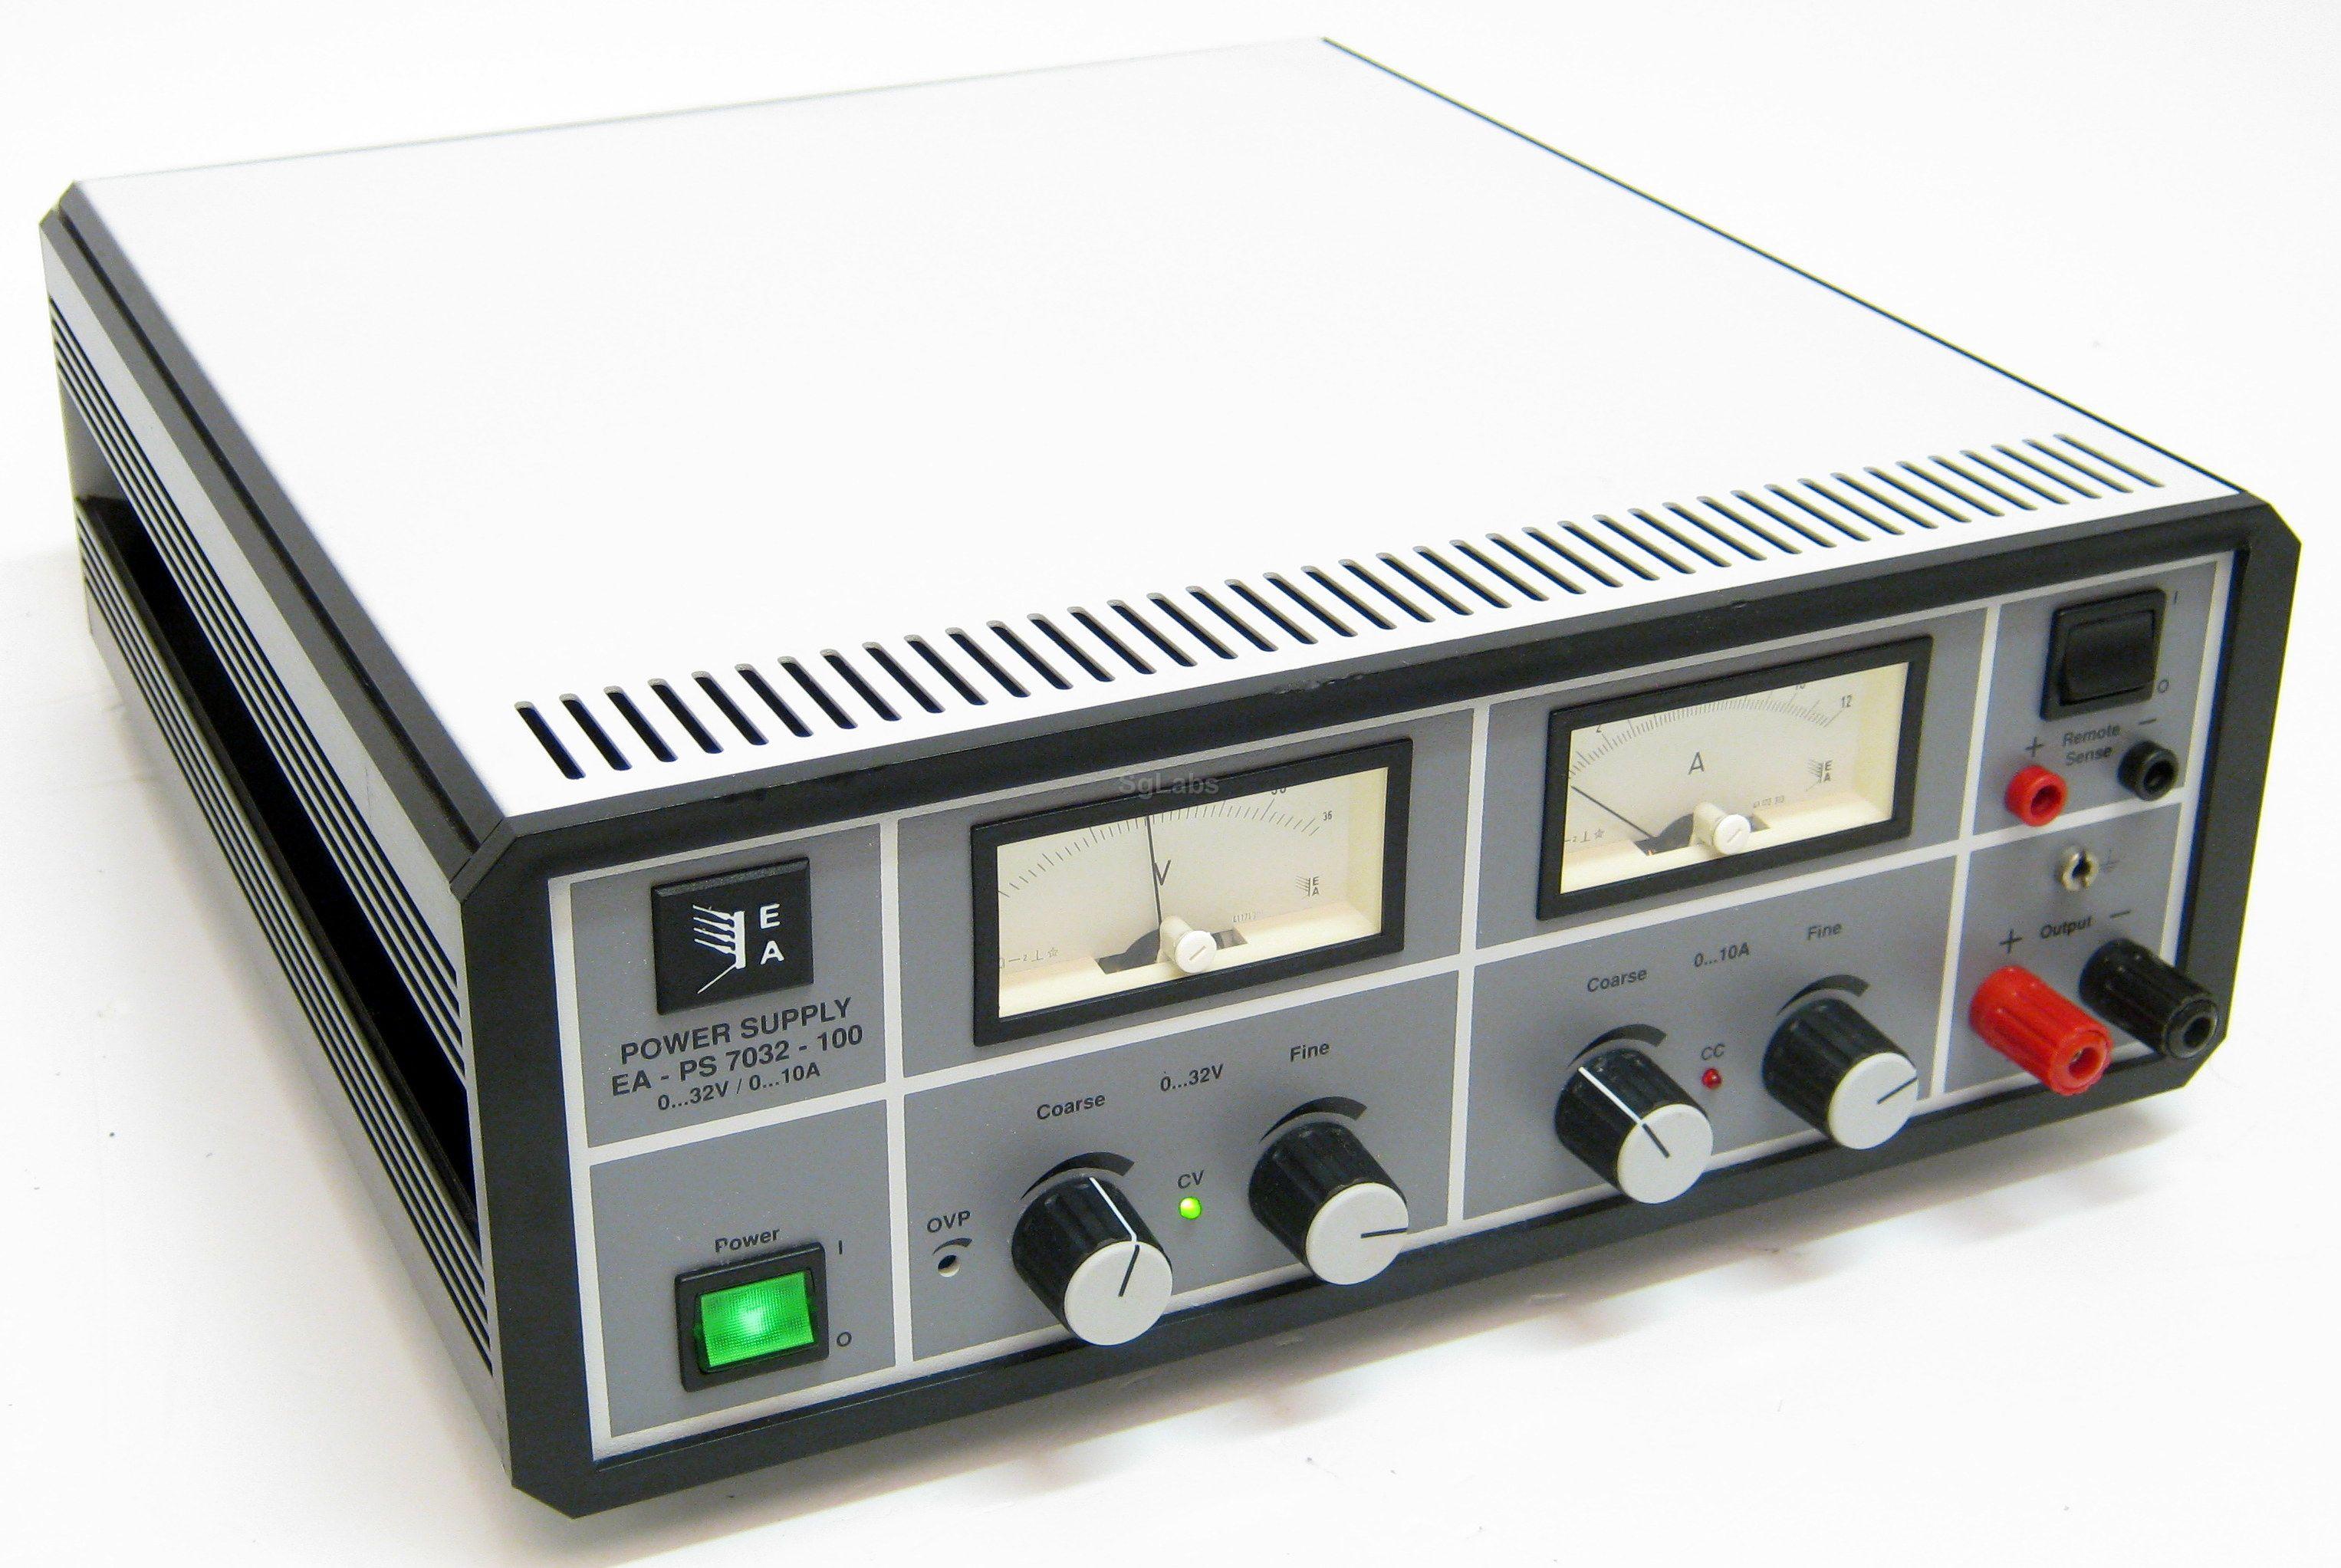 Продукция Elektro-Automatik внесена в реестр средств измерения